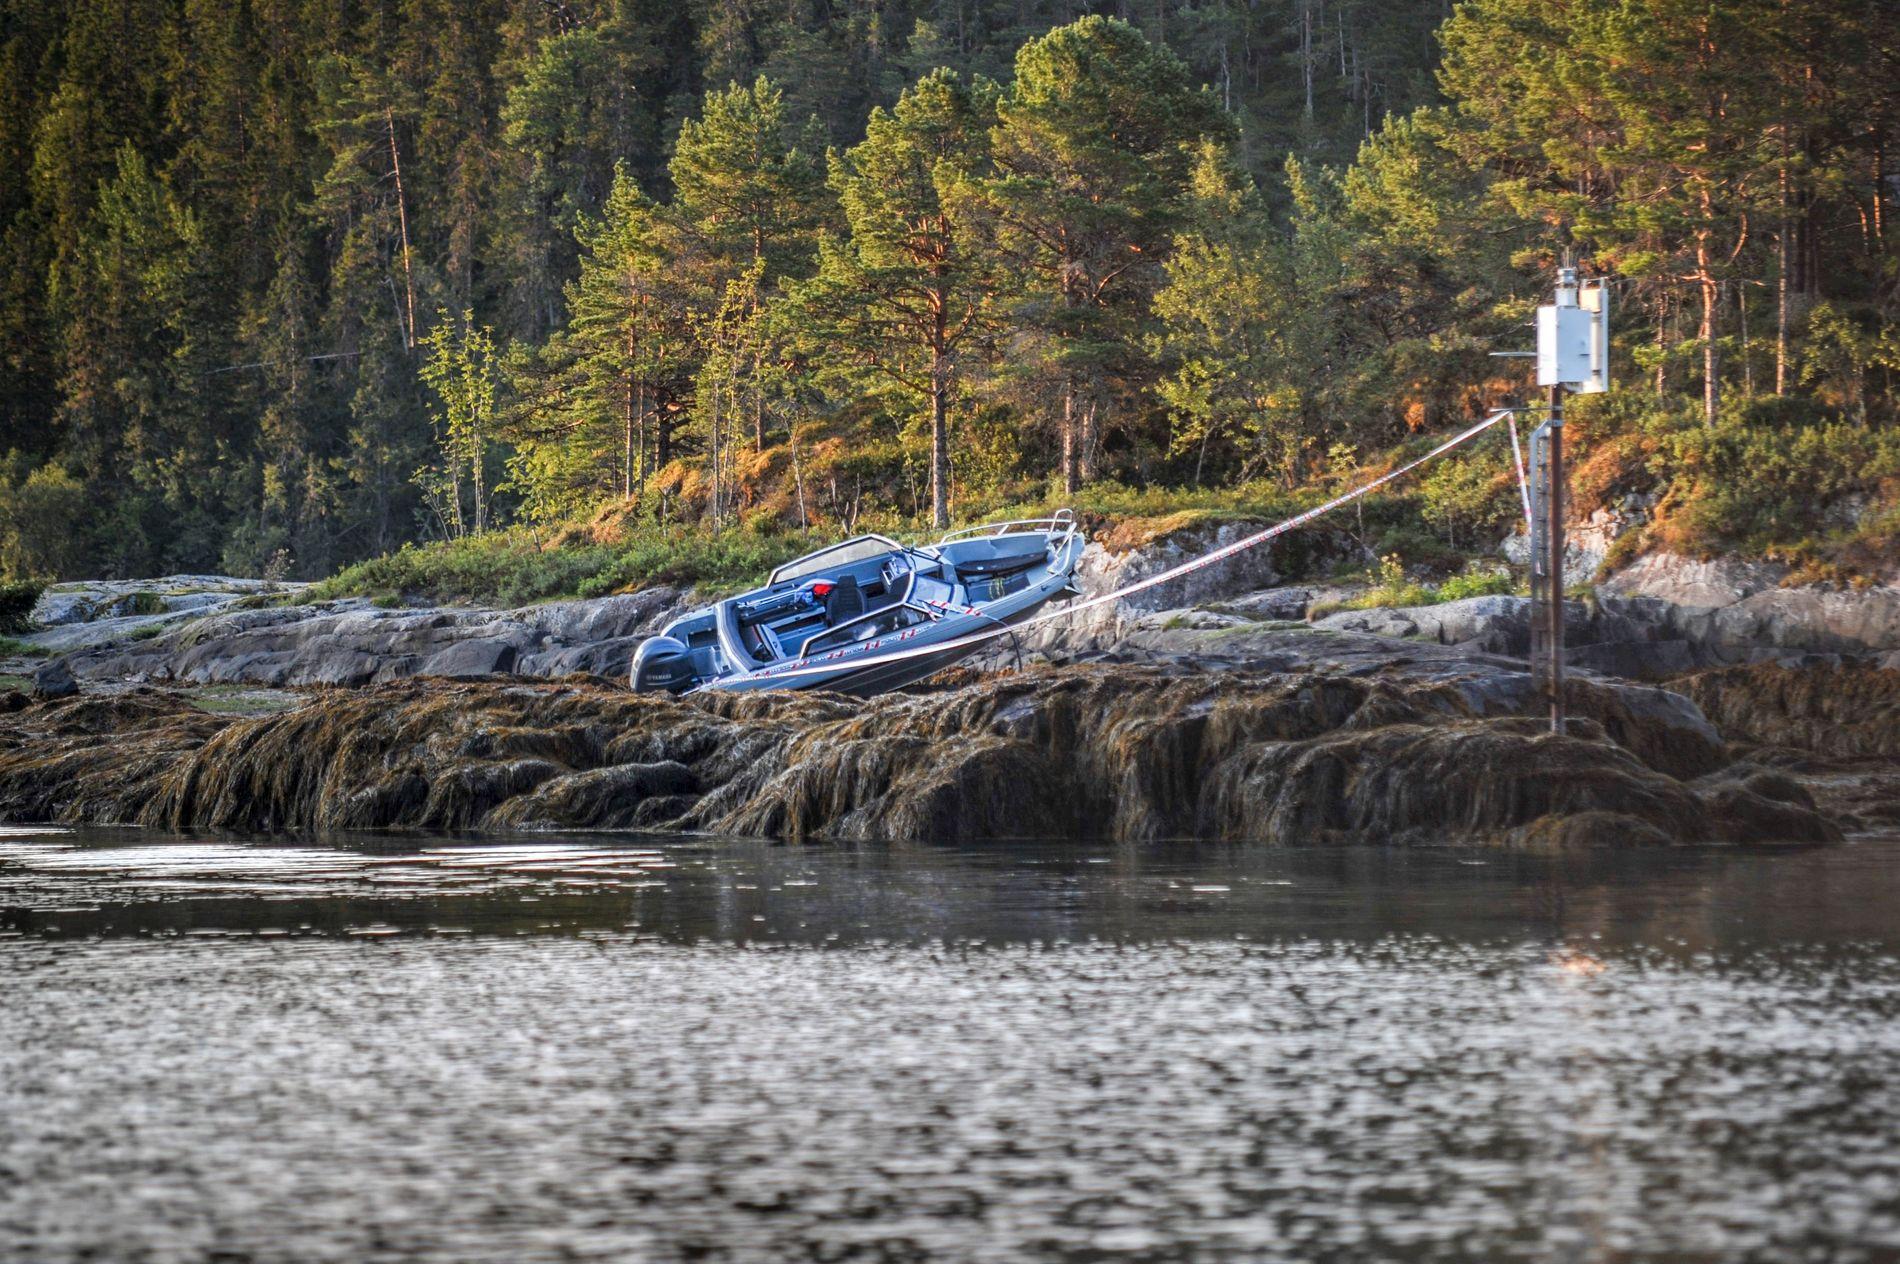 LØKKASKJÆRET: Båten ble liggende på Løkkaskjæret i Namsfjorden etter at den ifølge redningsskøyta må ha truffet et annet skjær først.